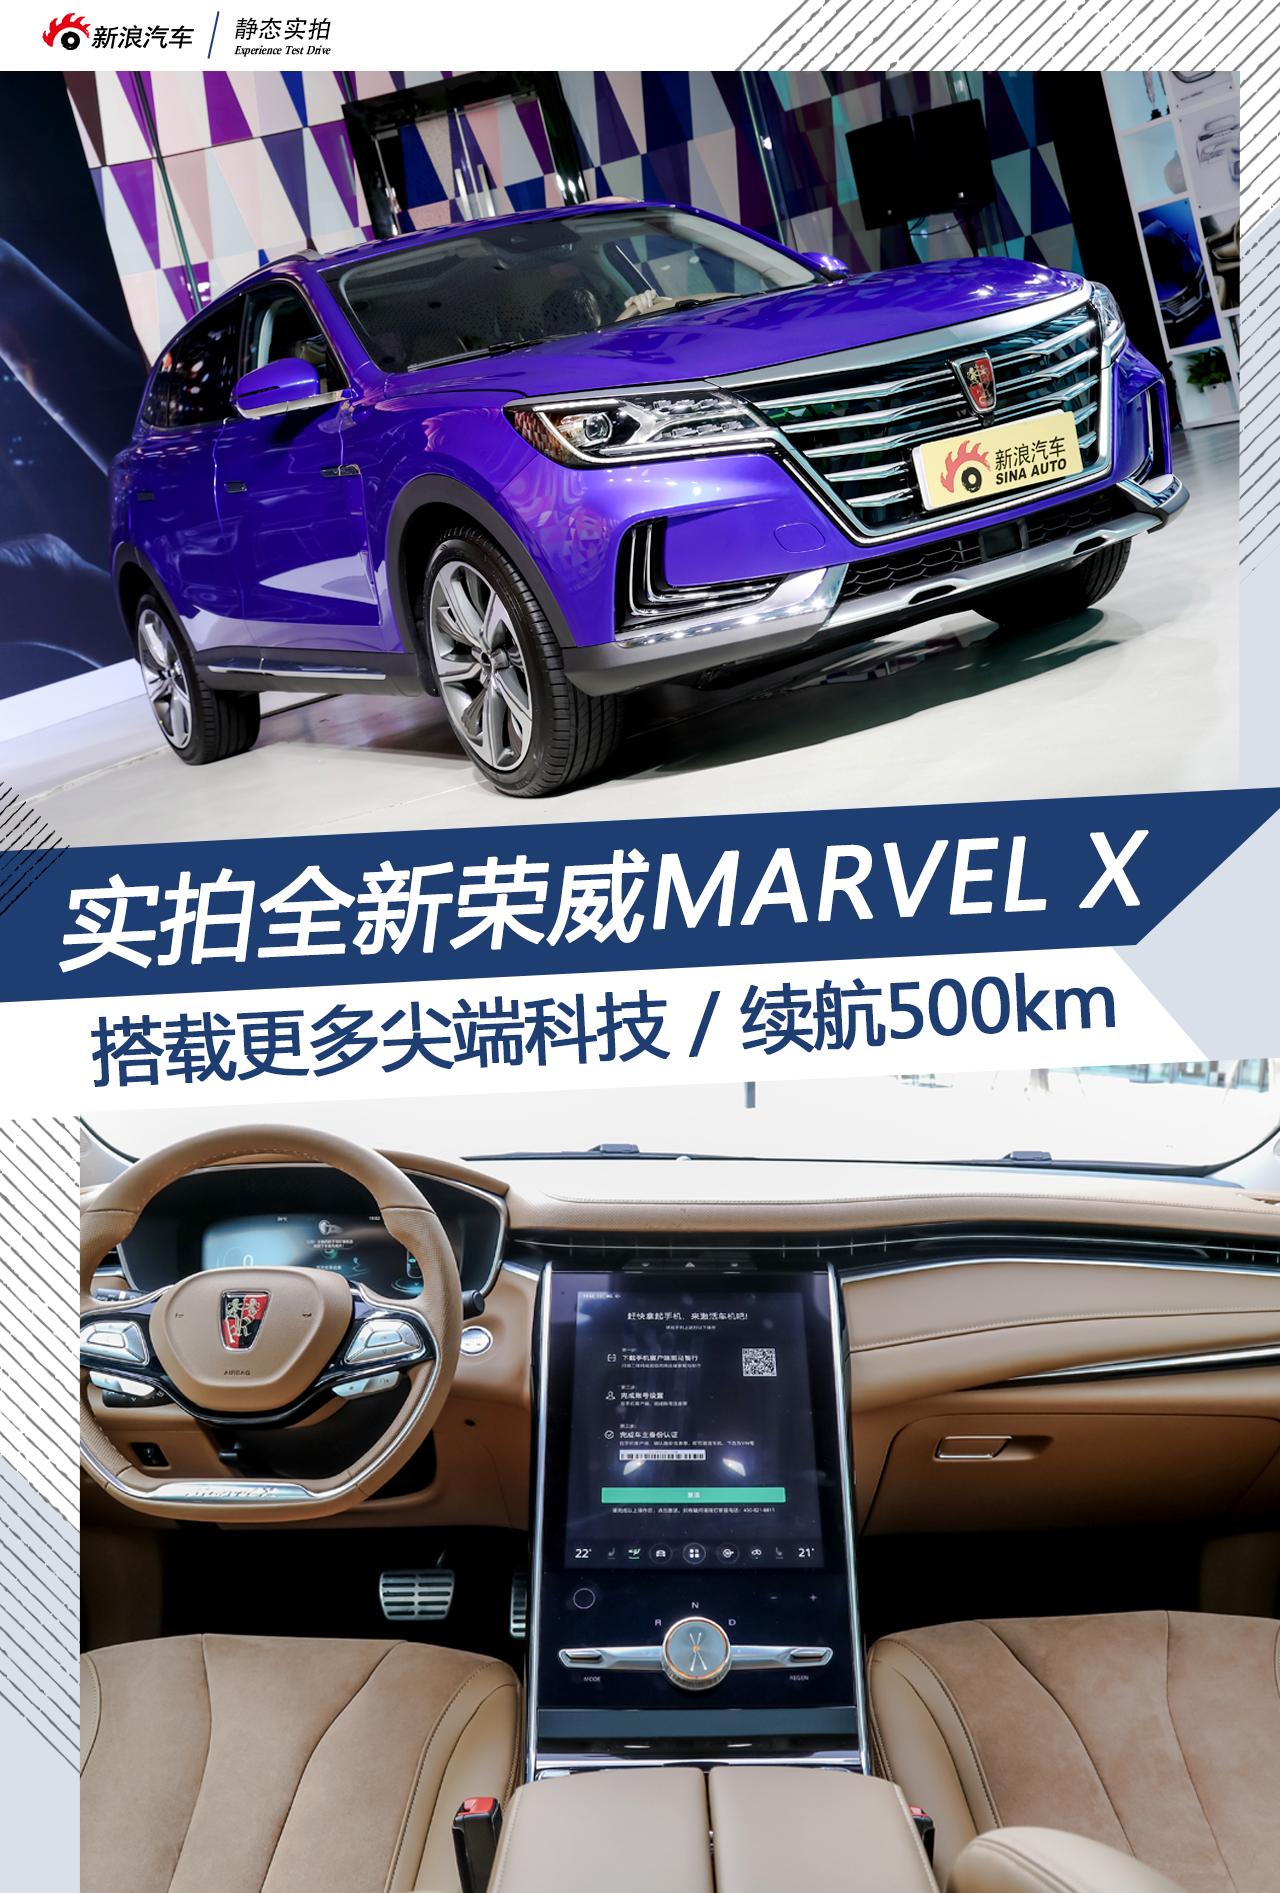 实拍荣威MARVEL X 搭载更多尖端科技